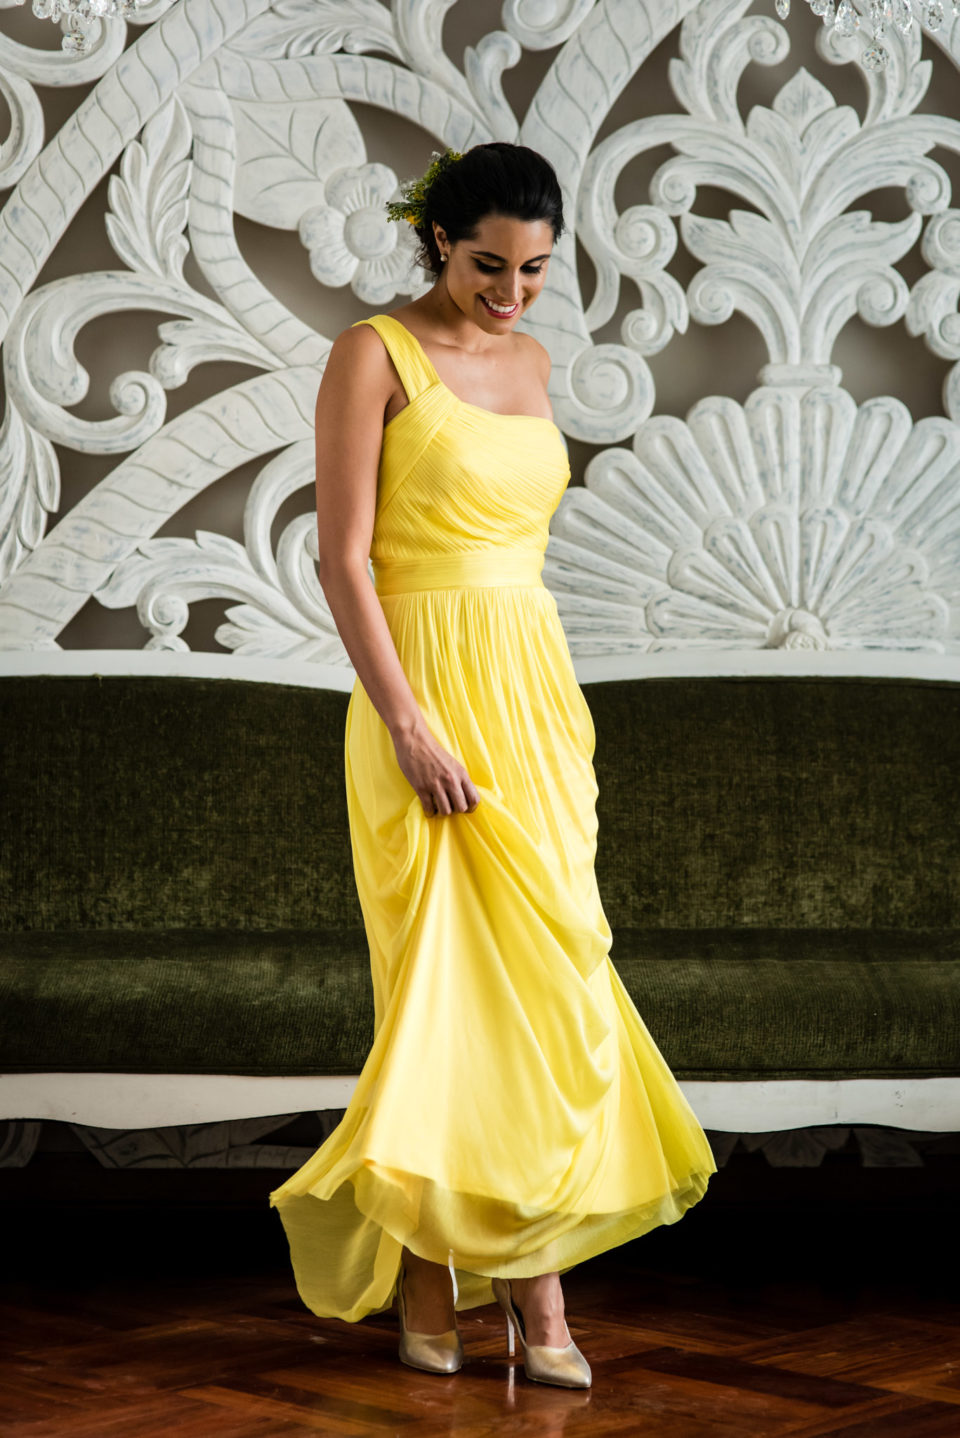 46e6d993cbe Vestido para boda amarillo - Vestidos verdes